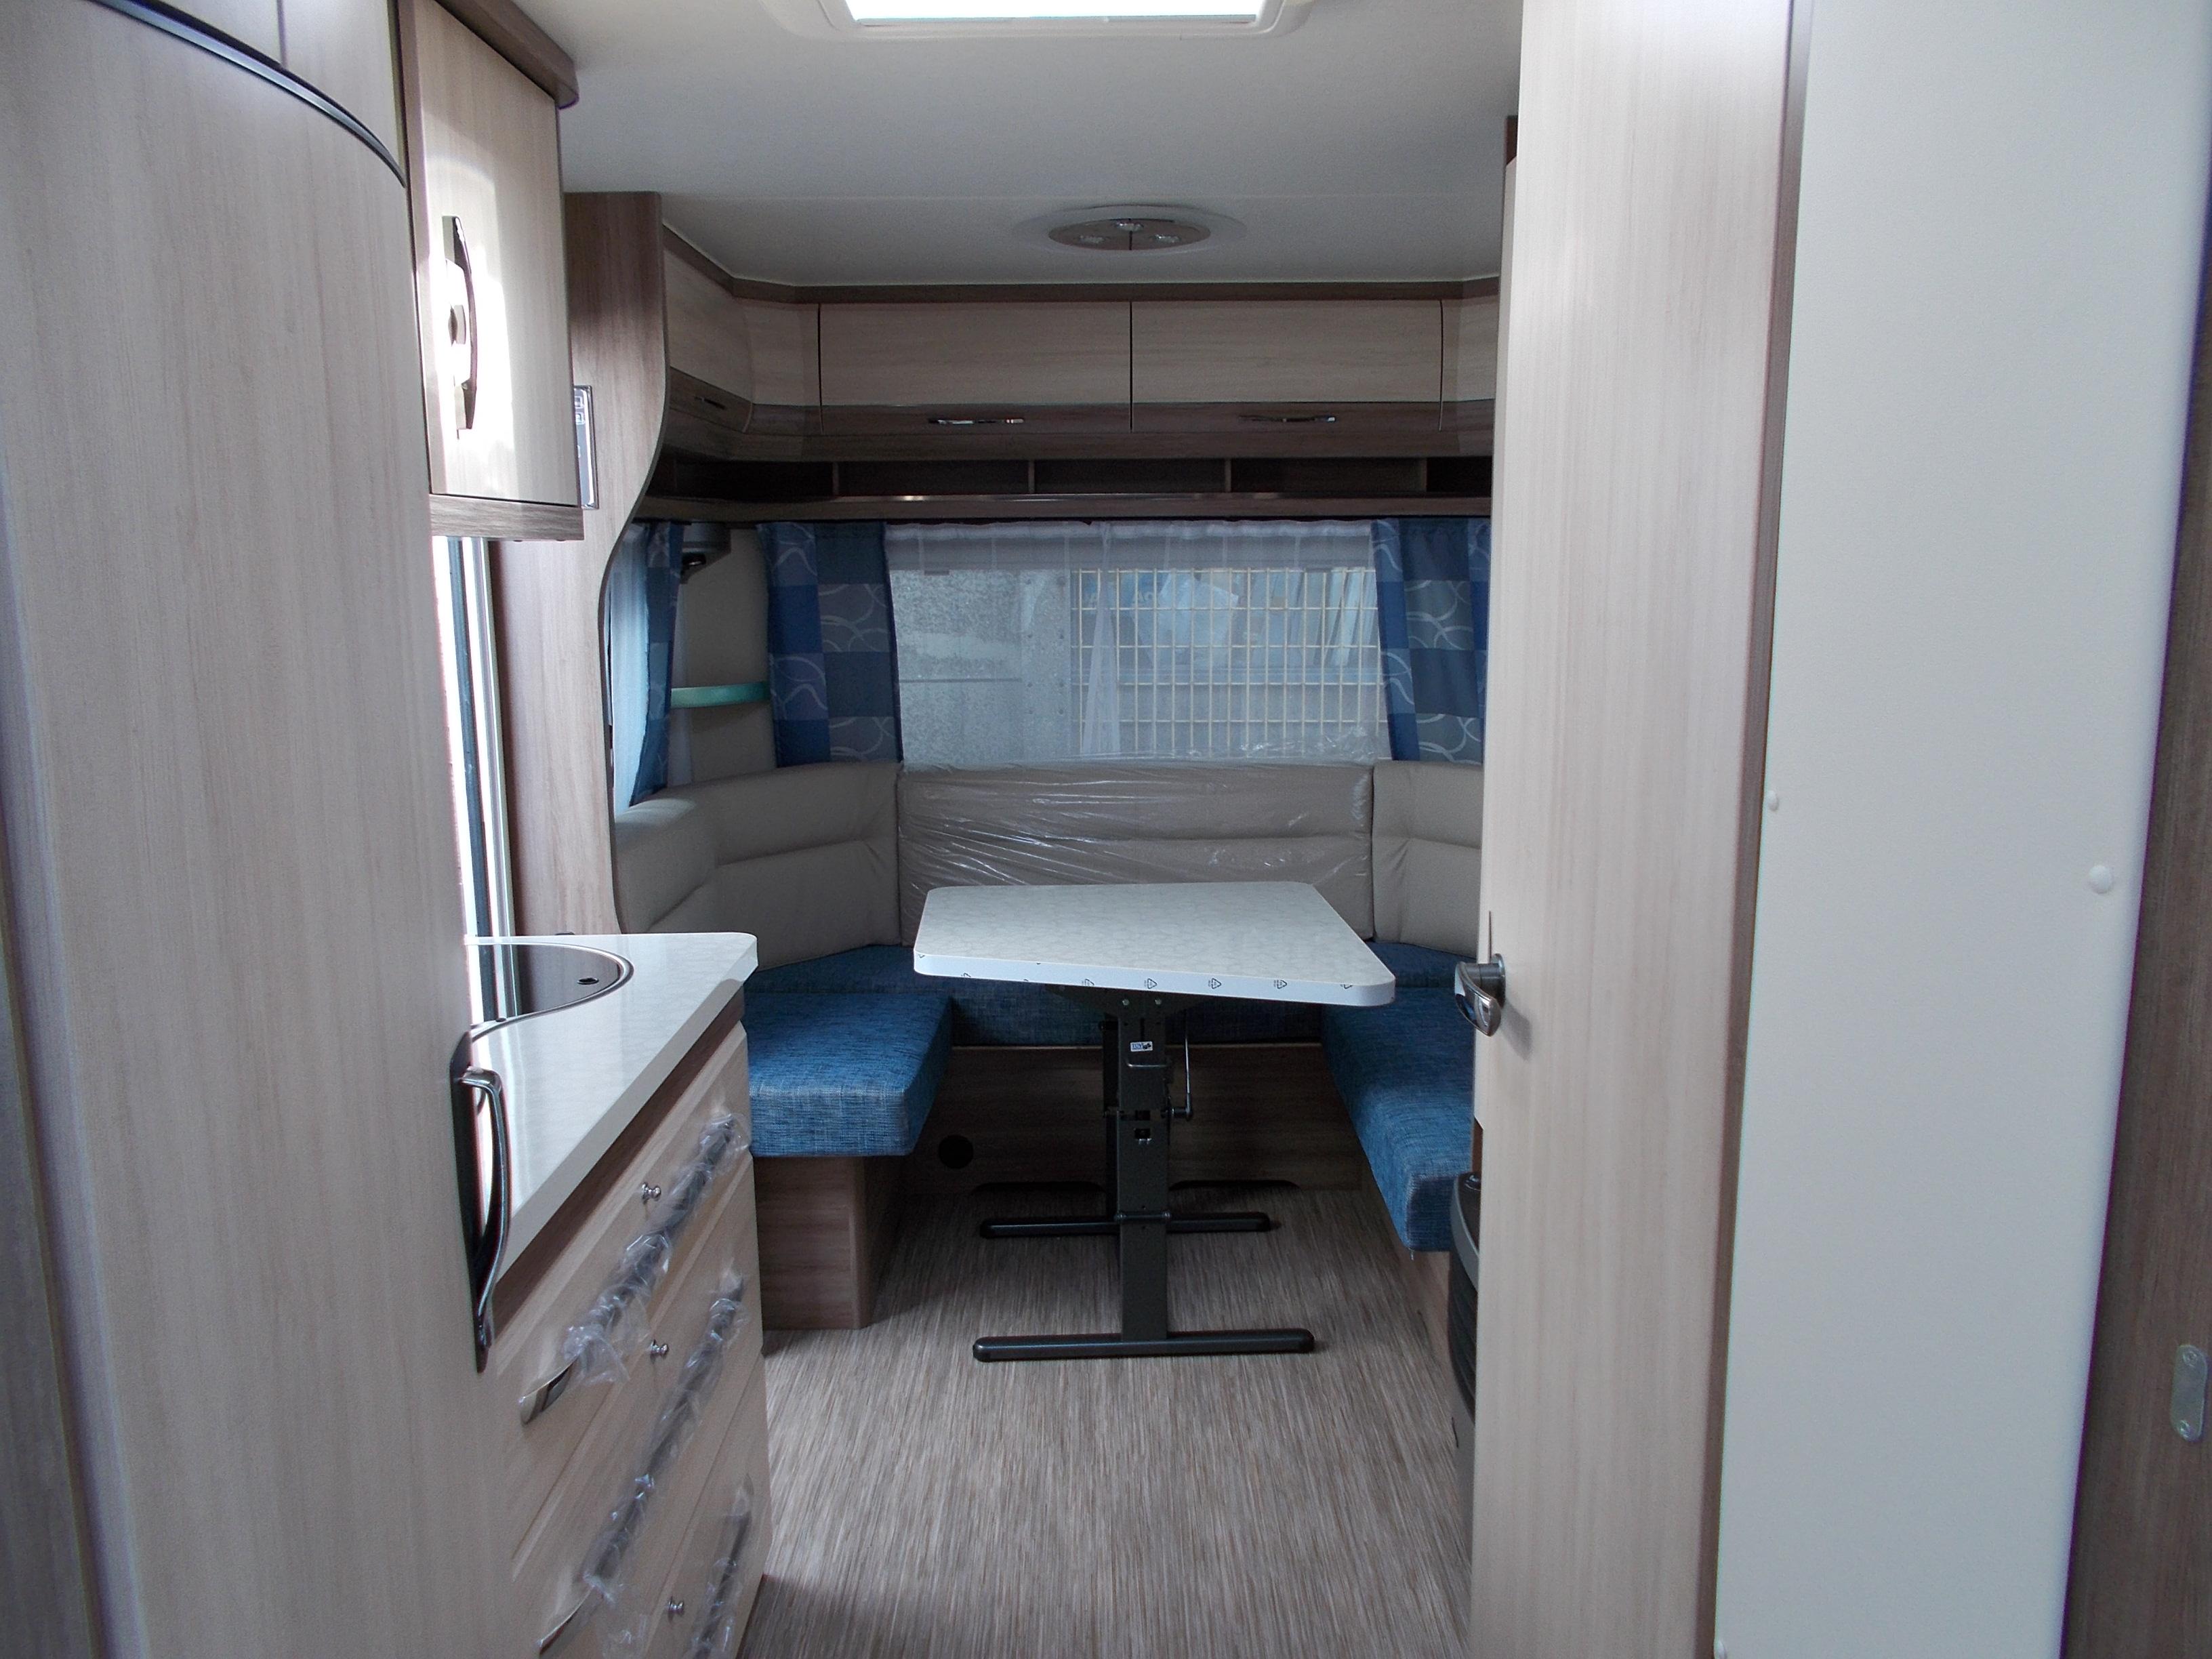 hobby 495 ul de luxe occasion de 2014 caravane en vente. Black Bedroom Furniture Sets. Home Design Ideas